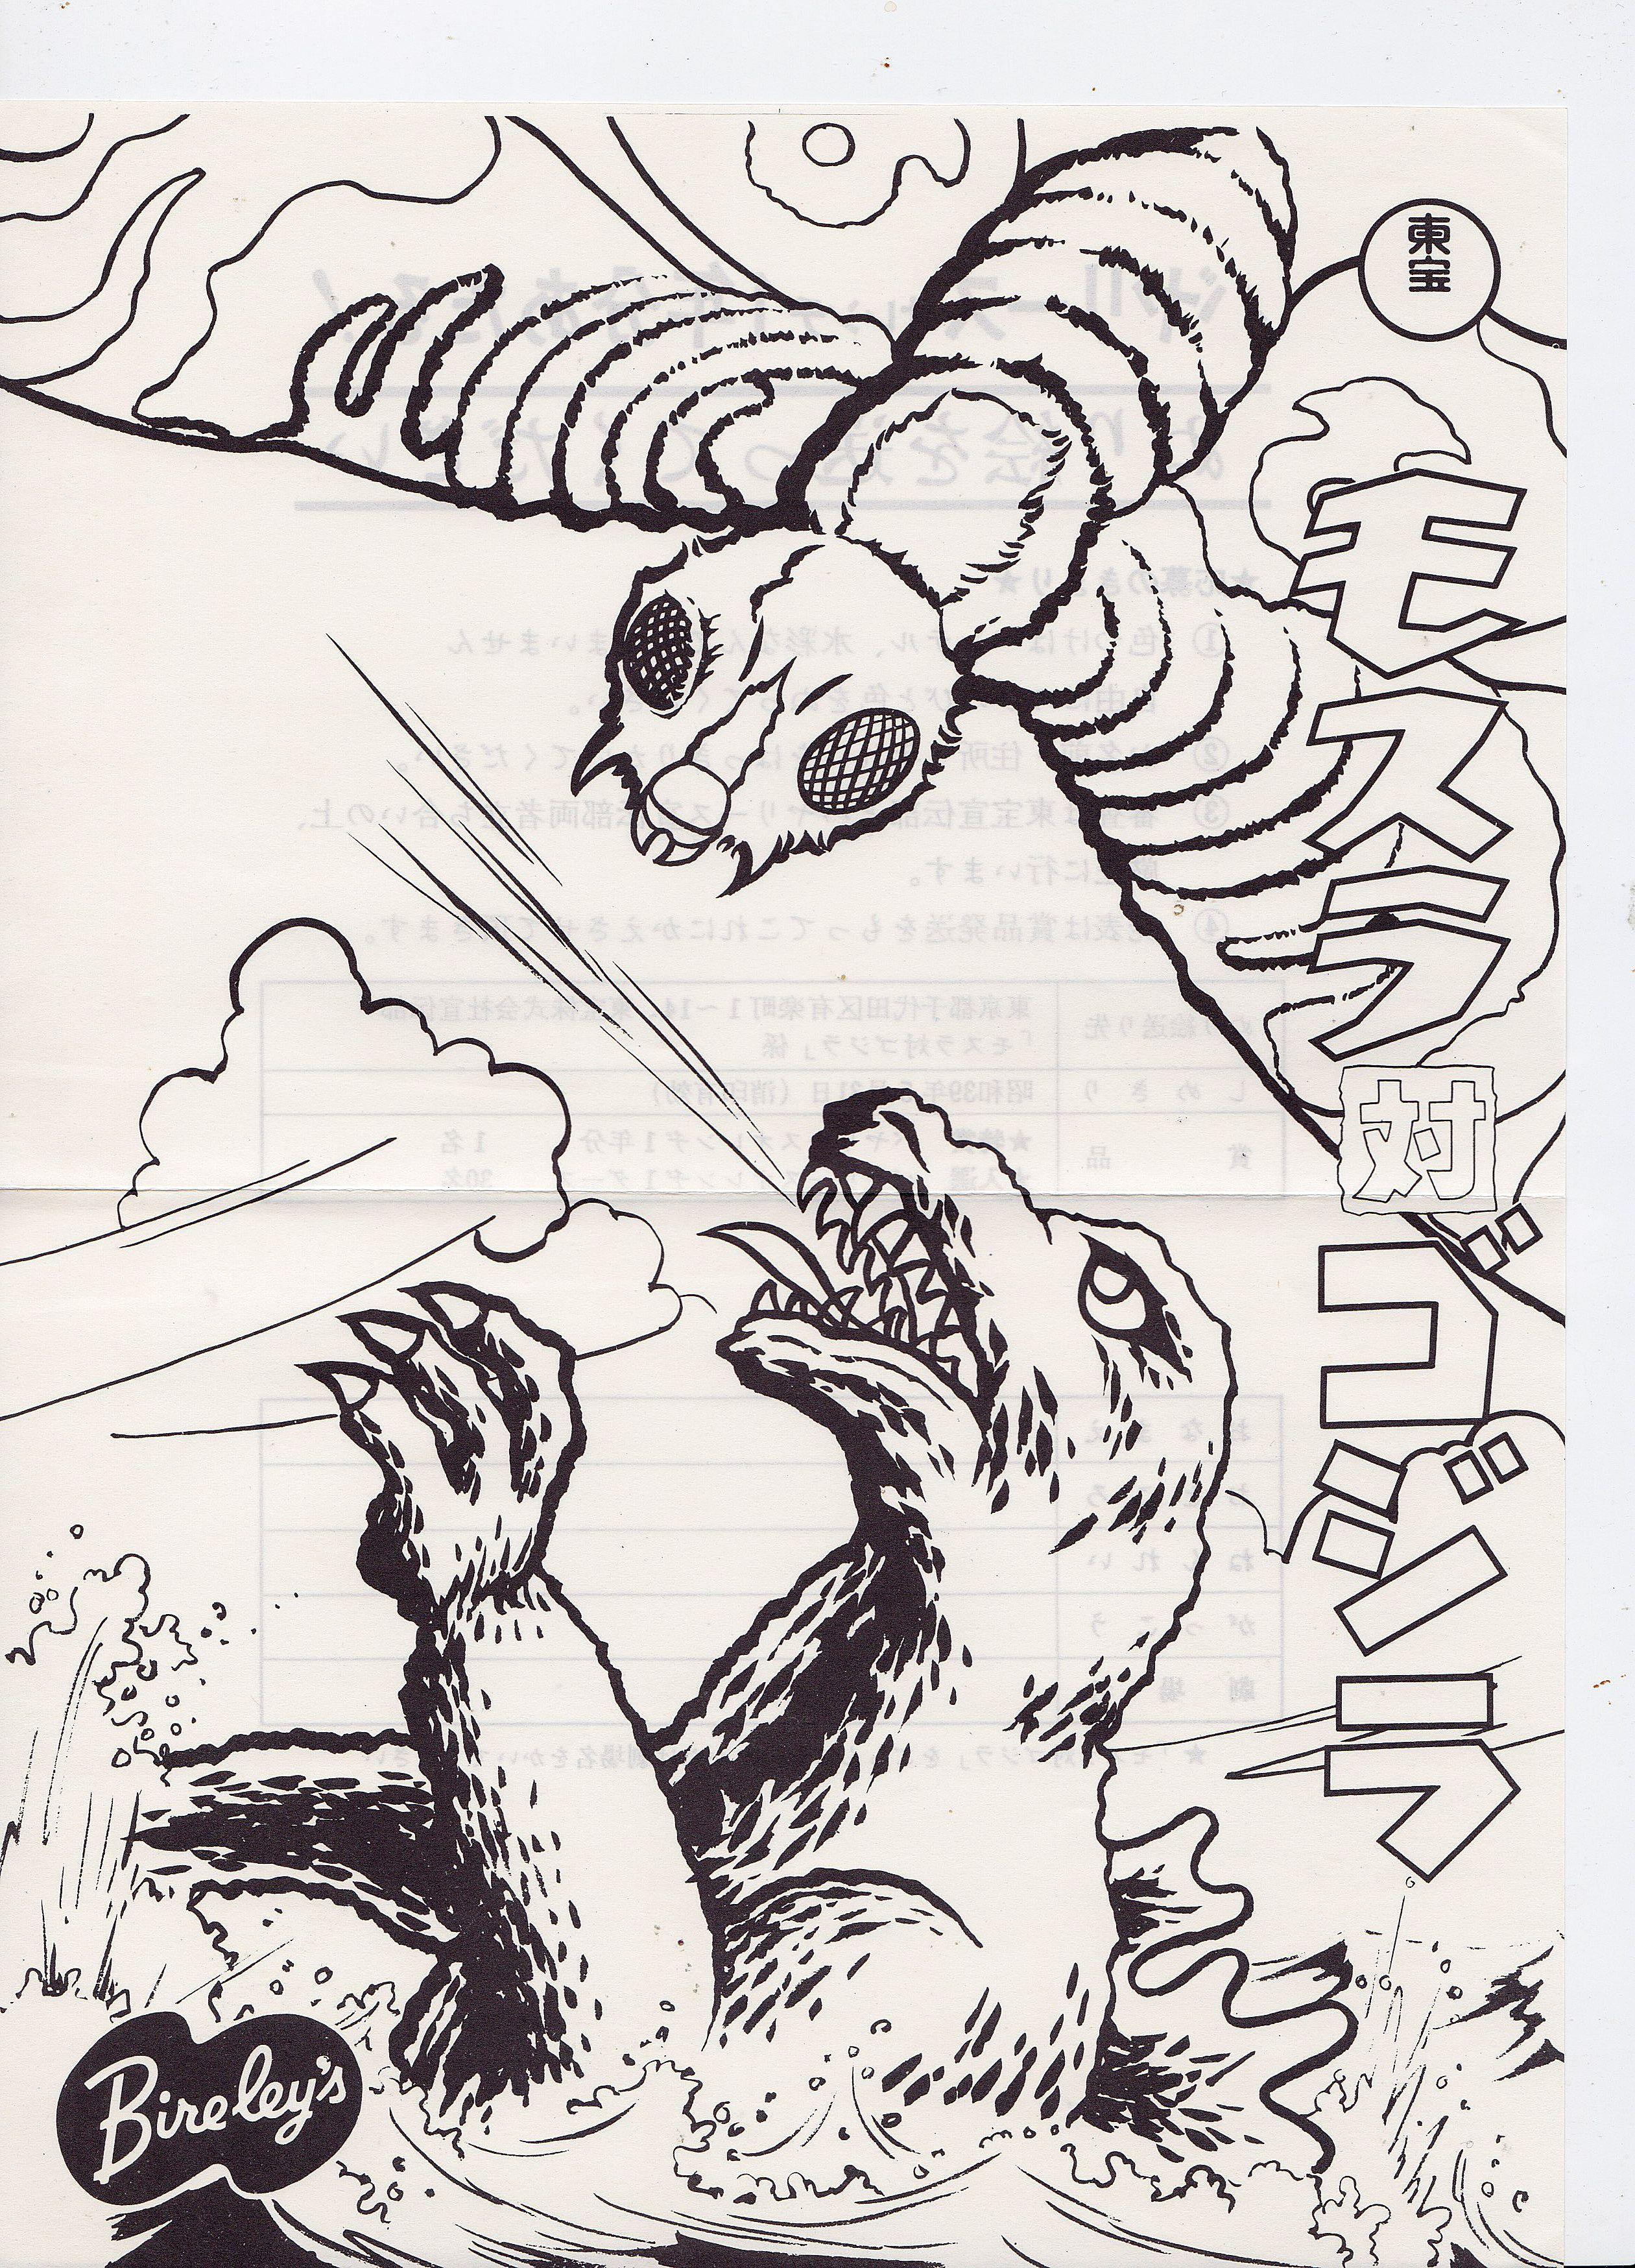 MOTHRA VS GODZILLA colouring page from Bireley\'s. (1964) | Godzilla ...